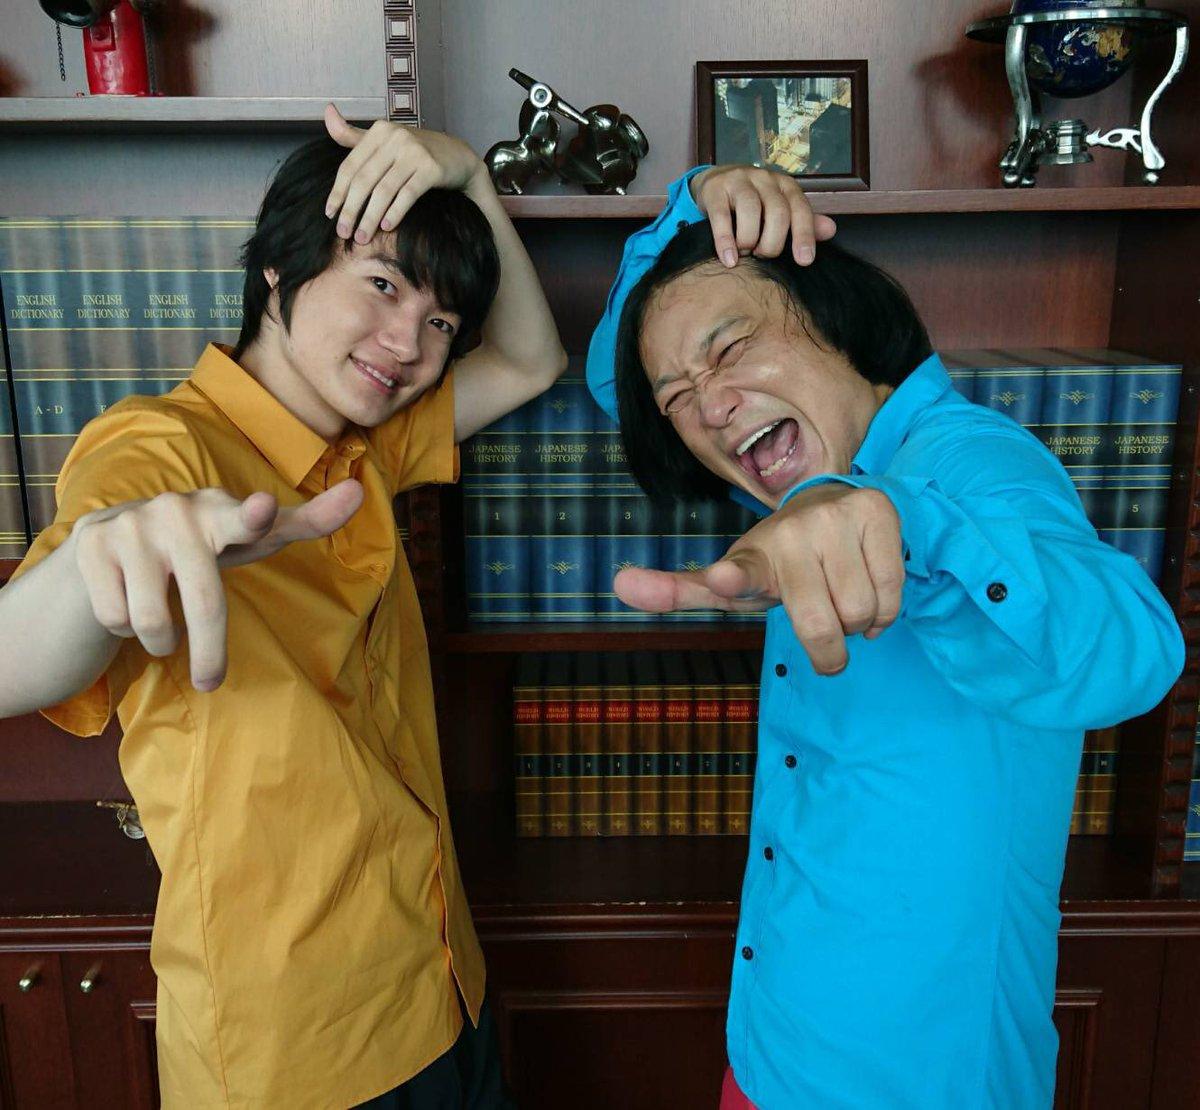 """永野と神木隆之介さんが同期とは…😳錚々たる同級生との🍚秘話、ありがと🙏🏻アフレコは""""距離感""""が大事🤔#神木隆之介 が声優"""